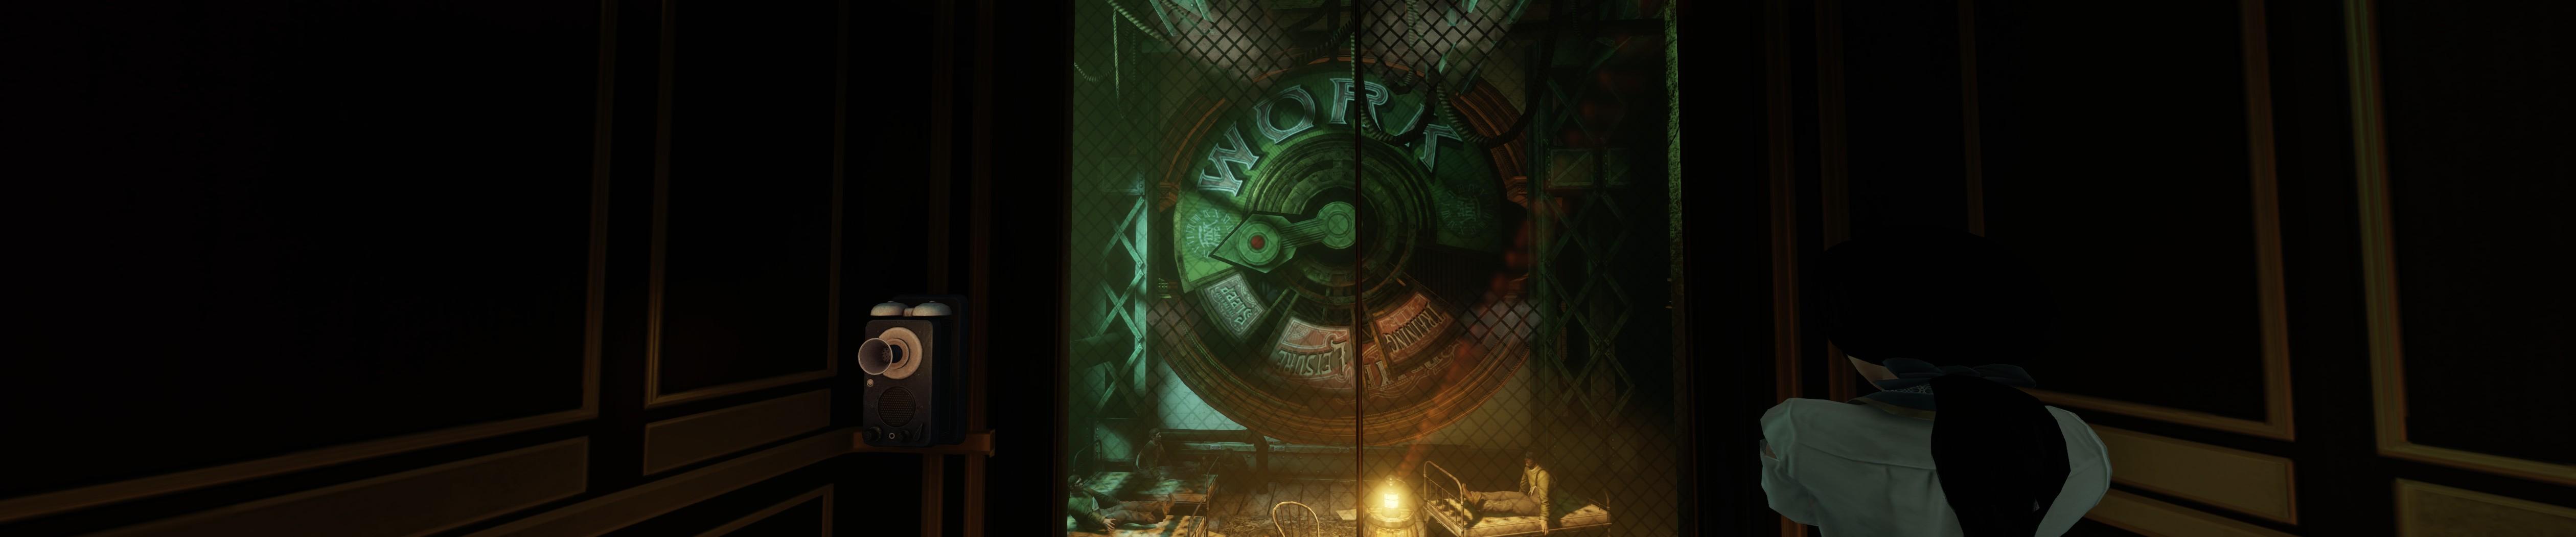 Bioshock_Infinite_2013-05-14_00012